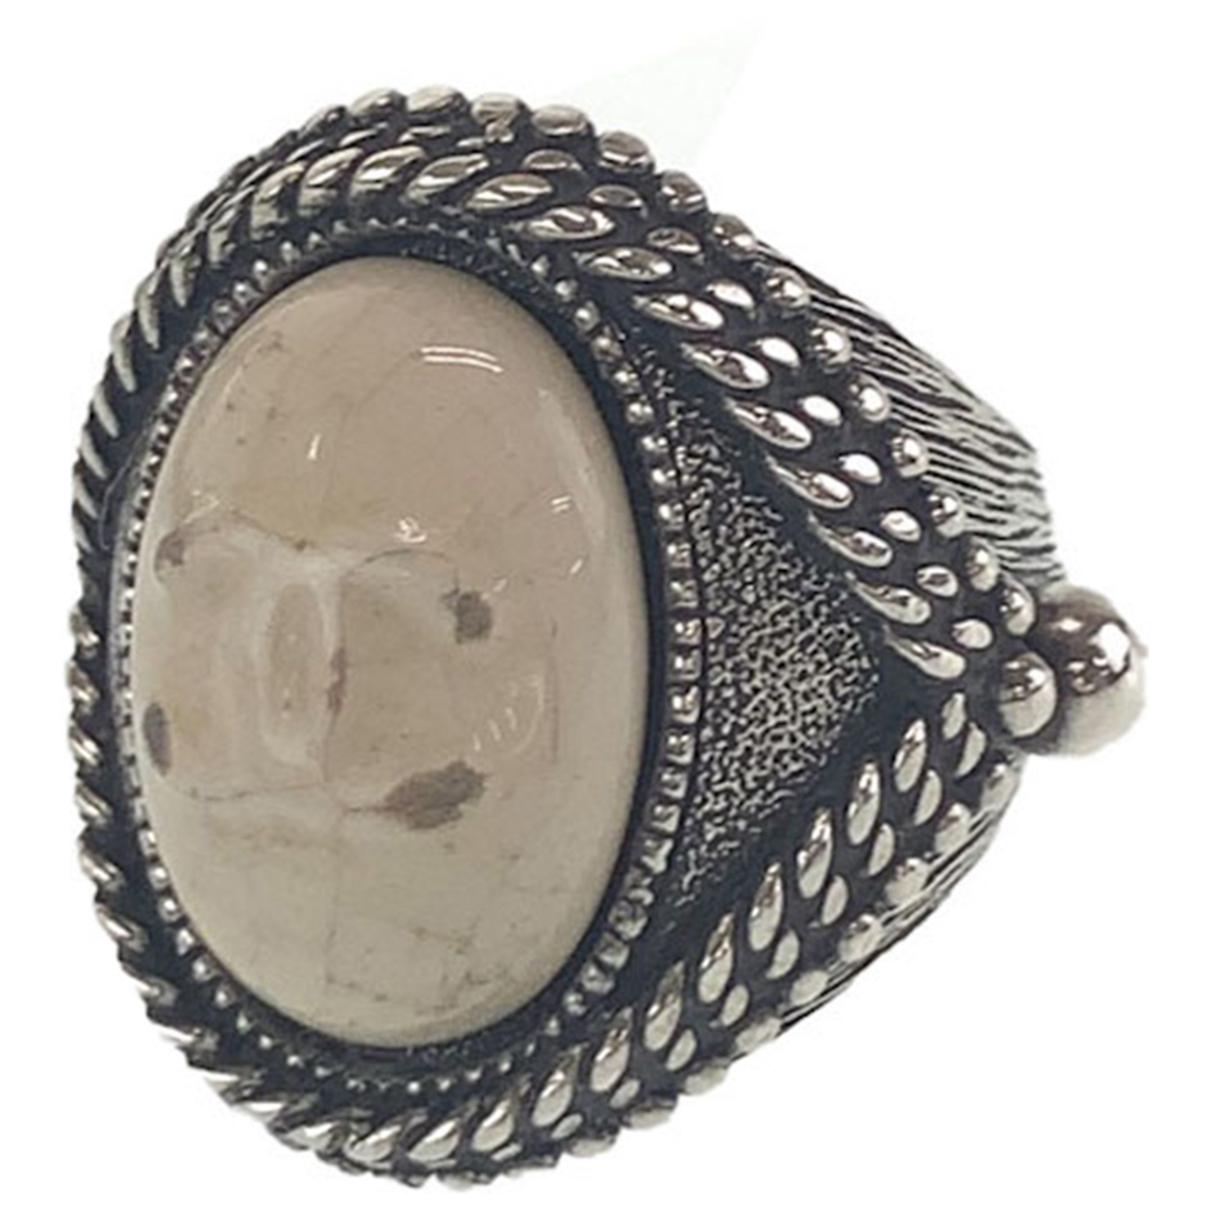 Chanel - Bague   pour femme en metal